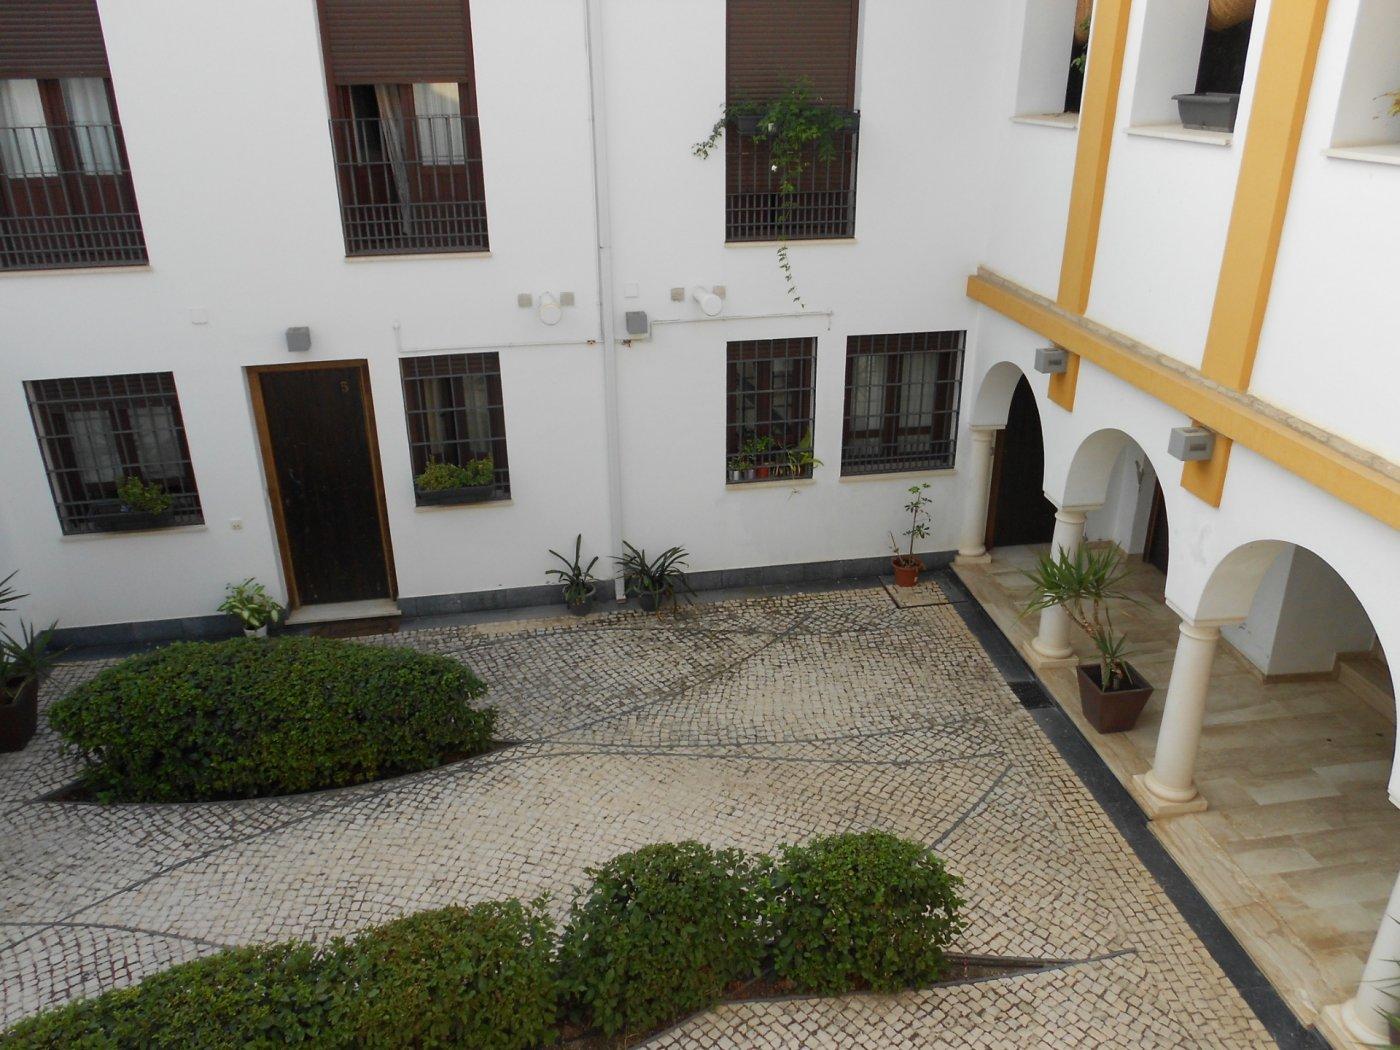 Casa adosada entre ollerÍas y san agustÍn - imagenInmueble27